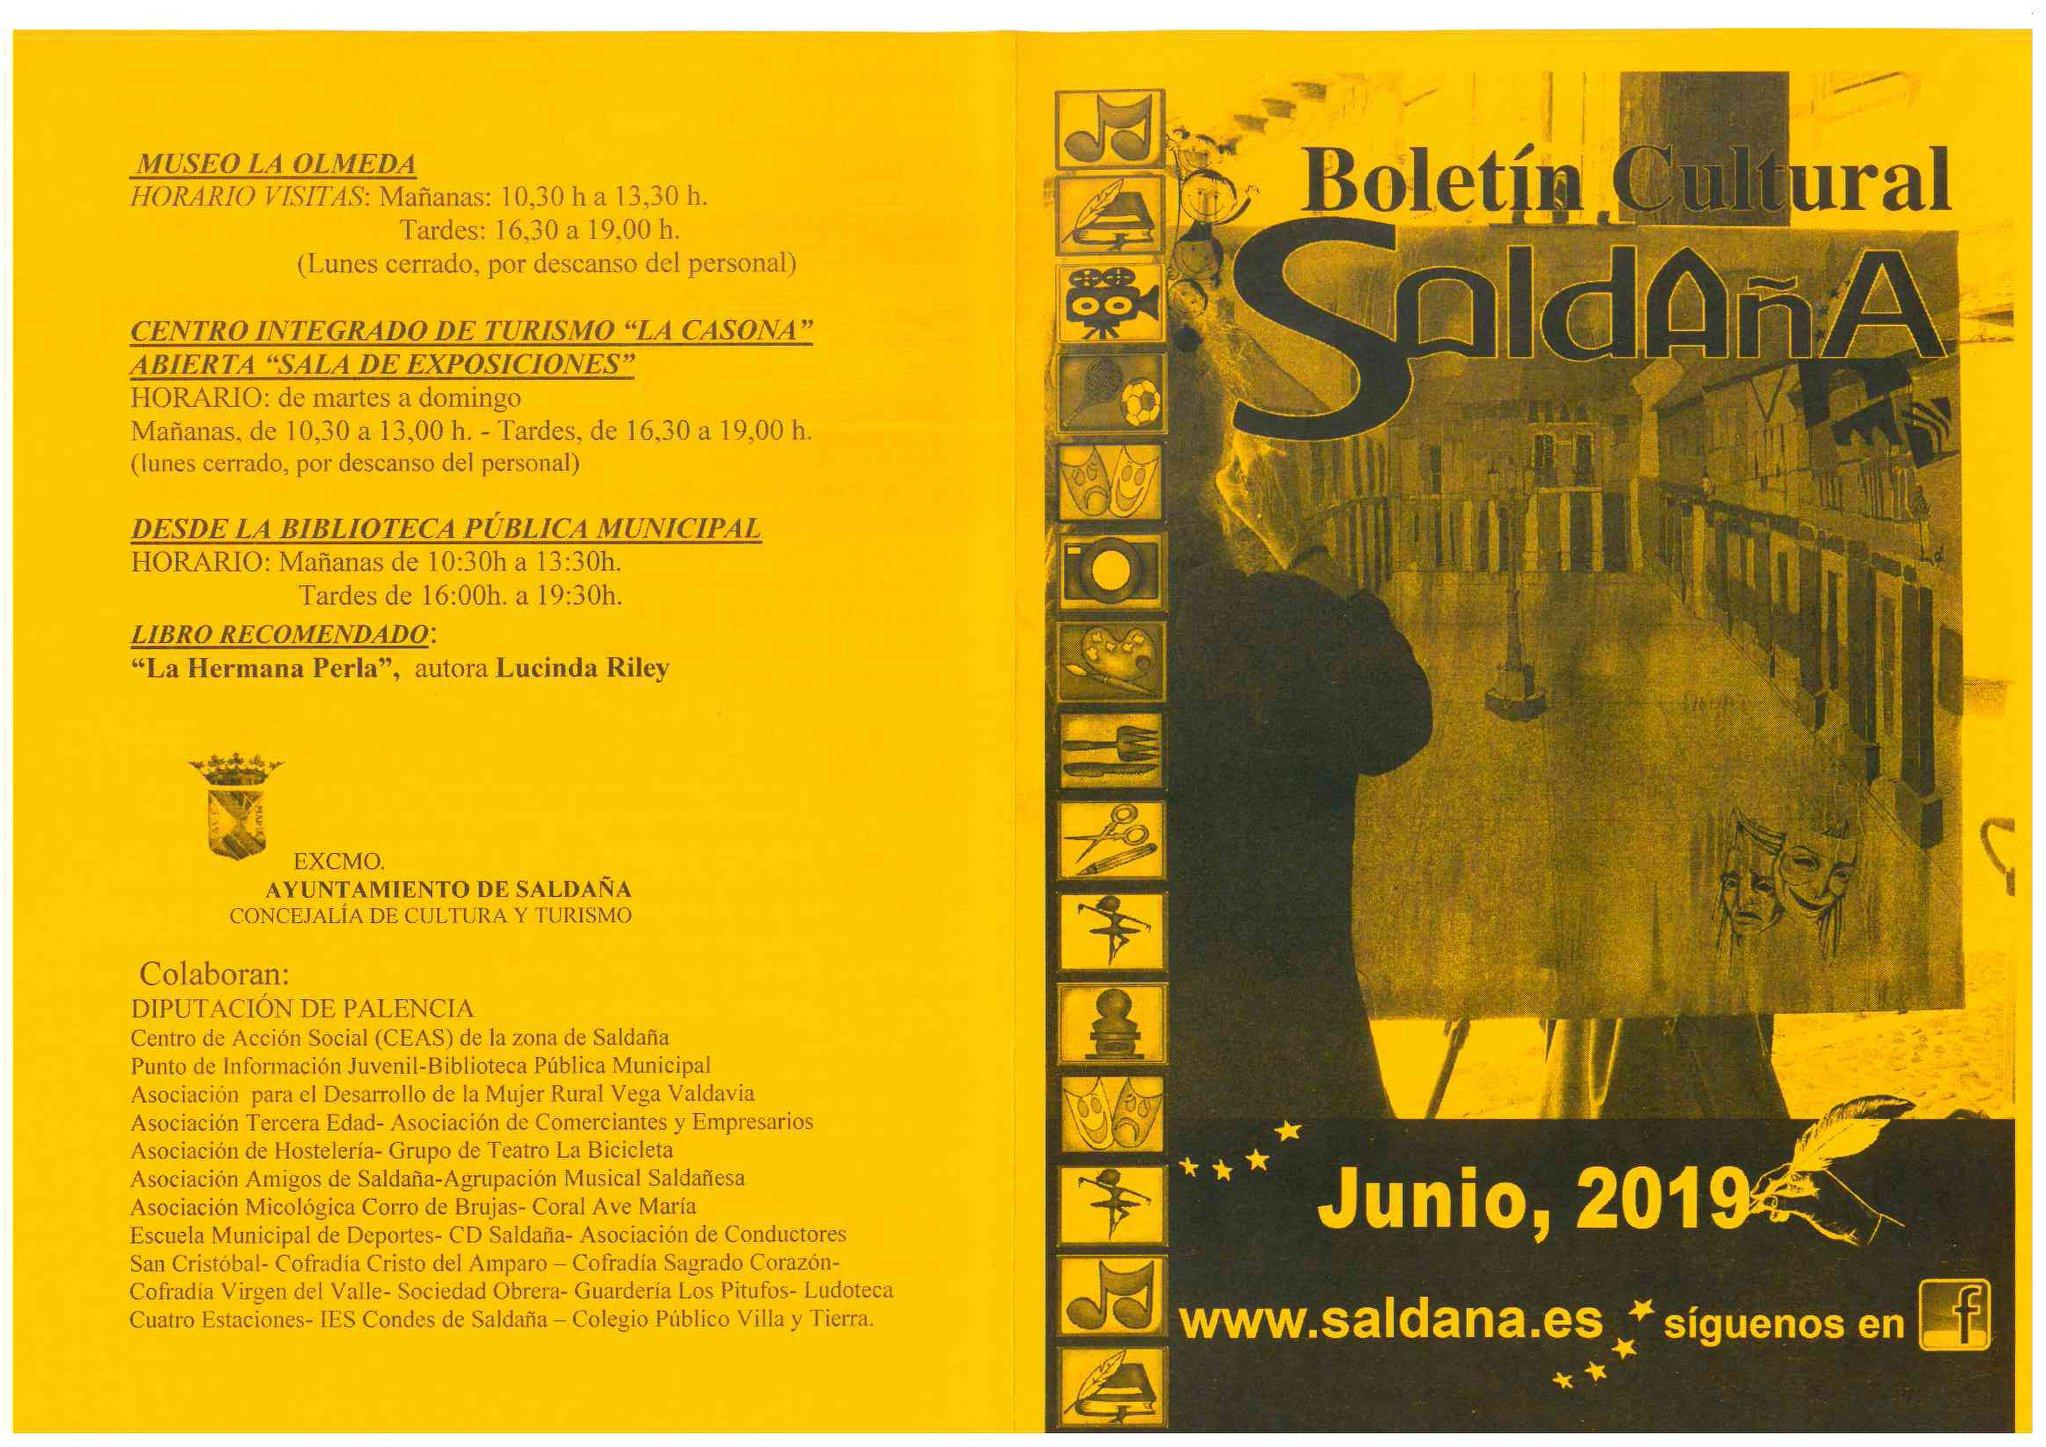 Boletín cultural junio 2019 - Saldaña (Palencia) 1